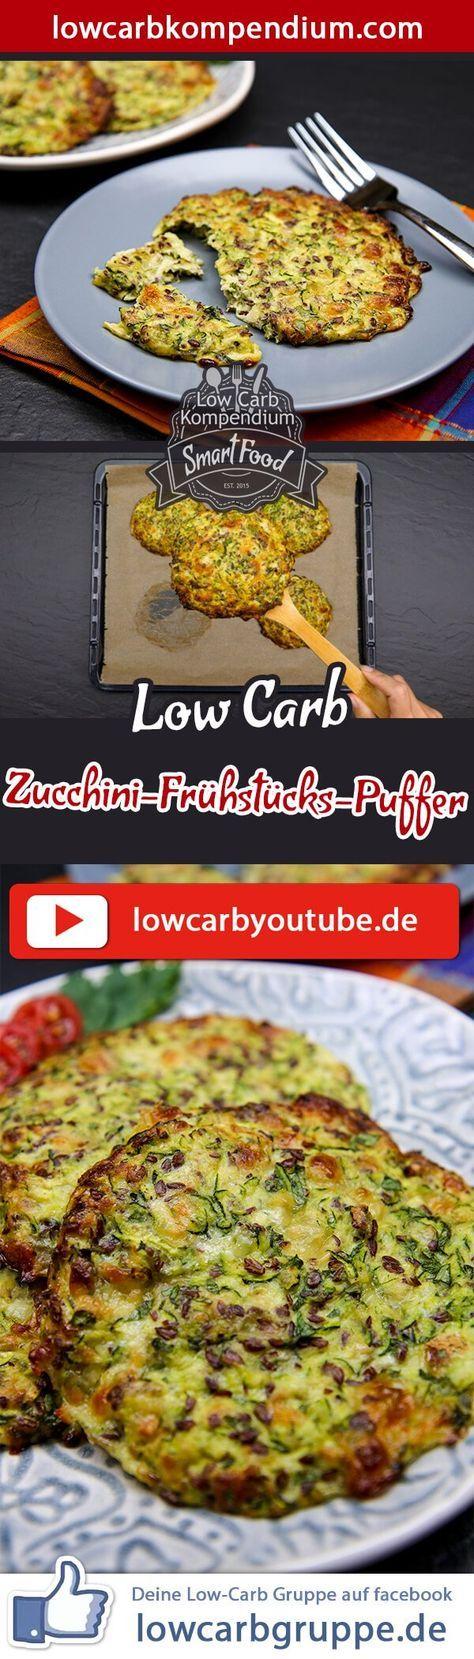 (Low Carb Kompendium) – Die herzhaften Zucchini-Frühstücks-Puffer helfen dir fit in den Tag zu starten. Am besten bereitest du den Teig am Vorabend zu, sodass du die Frühstücks-Puffer morgens nur noch formen und backen musst. So ist das Frühstück schnell zubereitet und du kannst vital deinen Tag beginnen. Und nun wünschen wir dir viel Spaß beim Nachkochen, LG Andy & Diana.